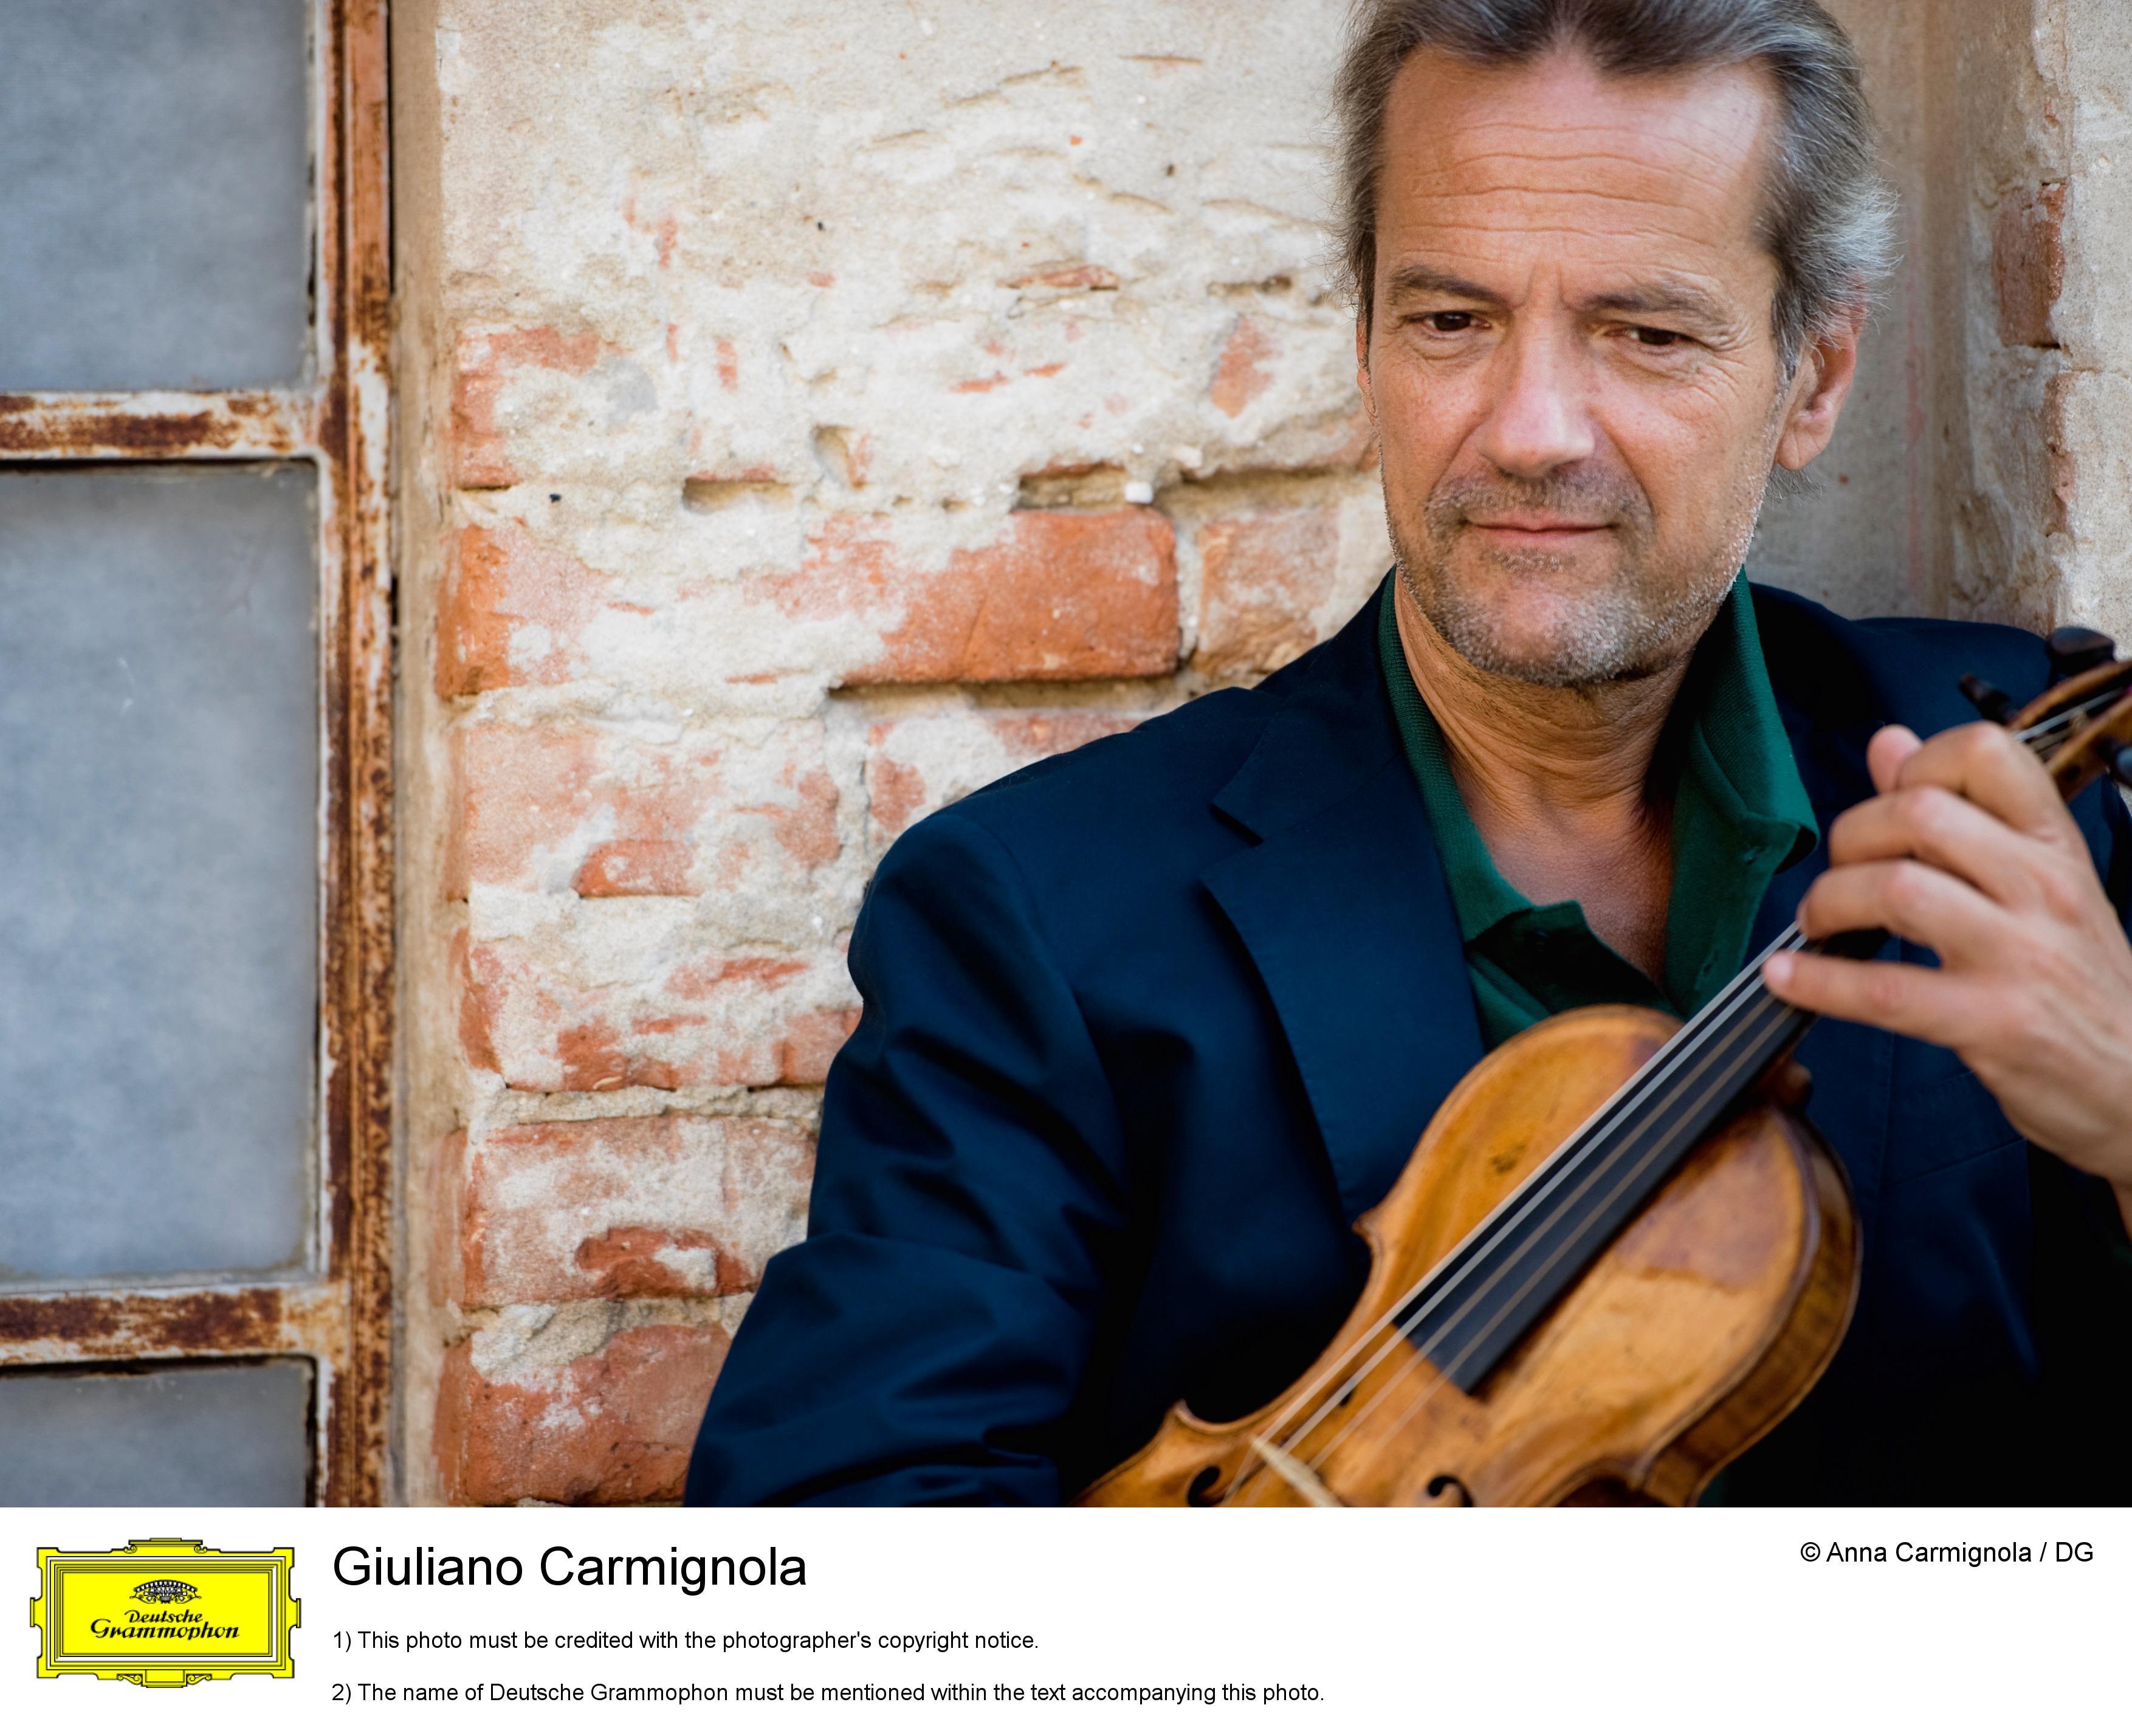 De ziua Regelui Mihai, violonistul Giuliano Carmignola revine pe scena Ateneului Roman